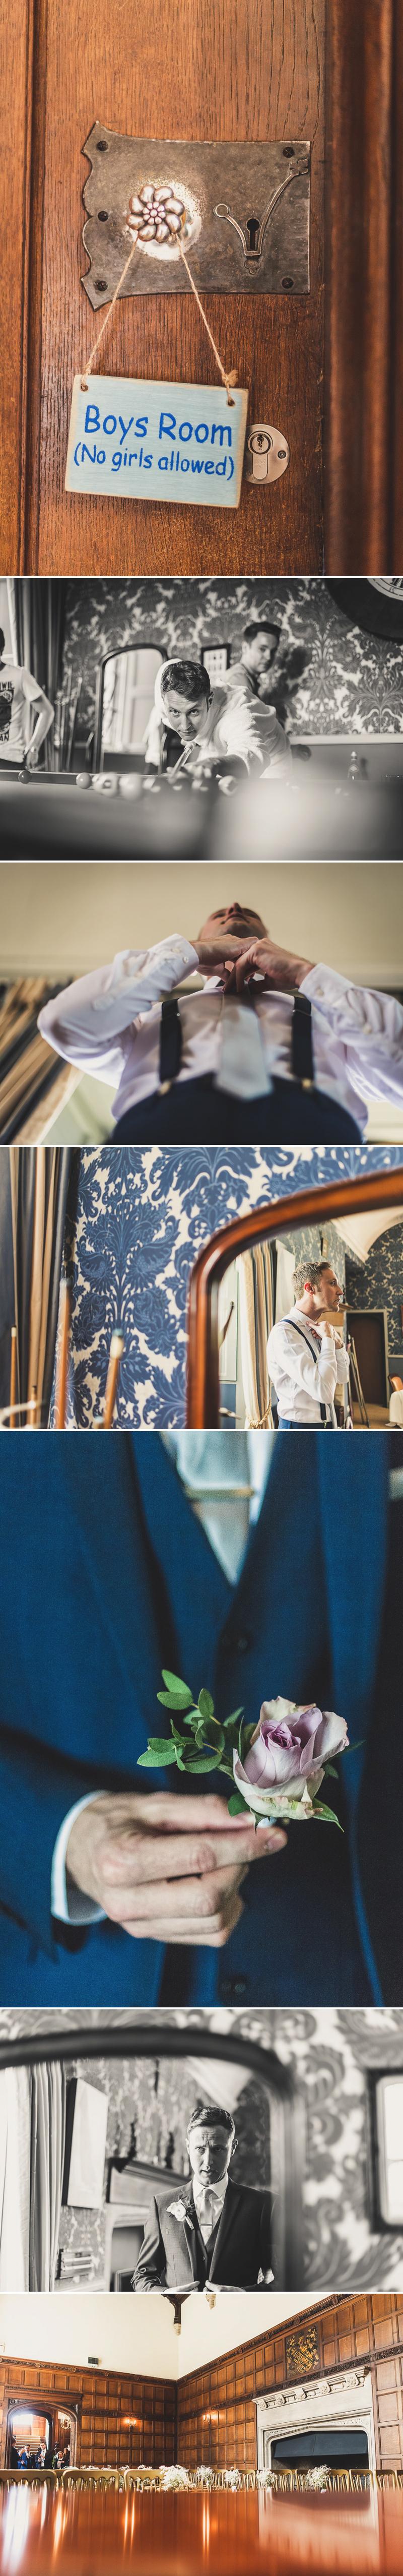 suffolk-wedding-venue-hengrave-hall-wedding-coco-wedding-venues-luis-holden-photography-002